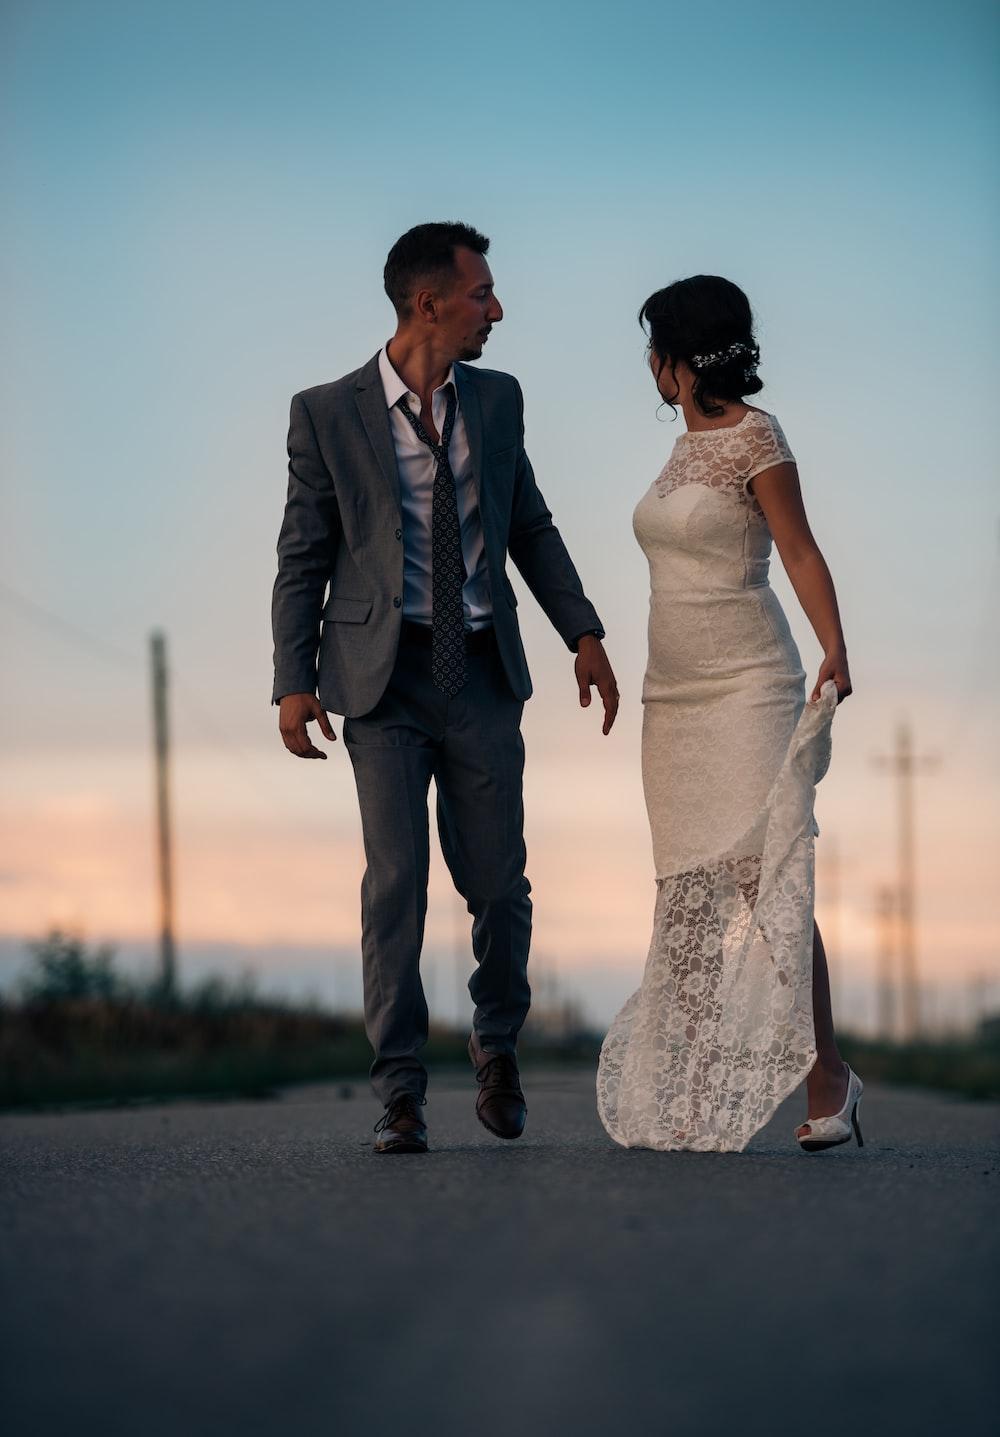 woman in wedding dress beside man in gray suit jacket